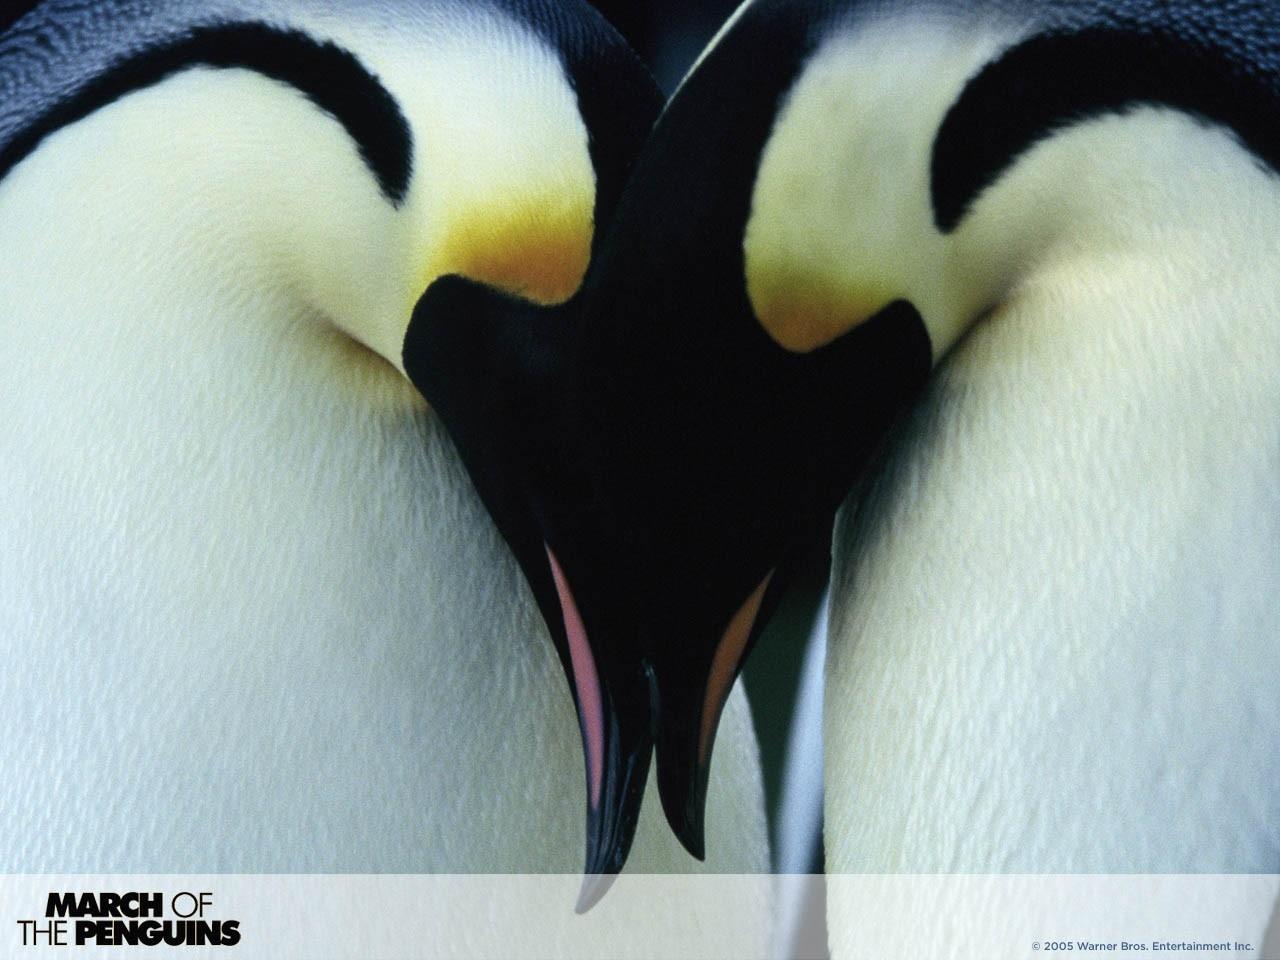 Wallpaper per il desktop del film La marcia dei pinguini